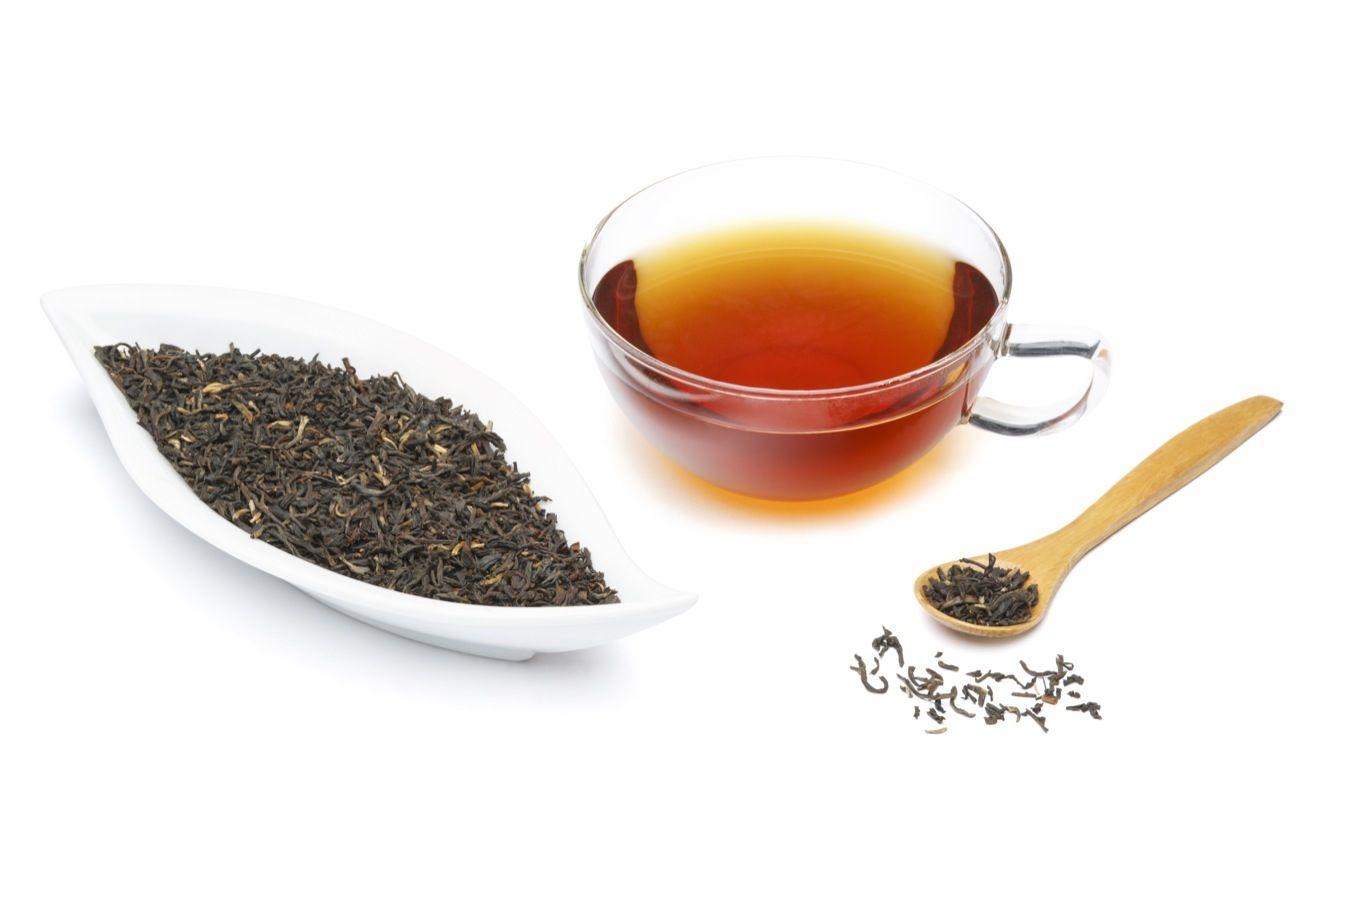 فروش چای سیاه دستی